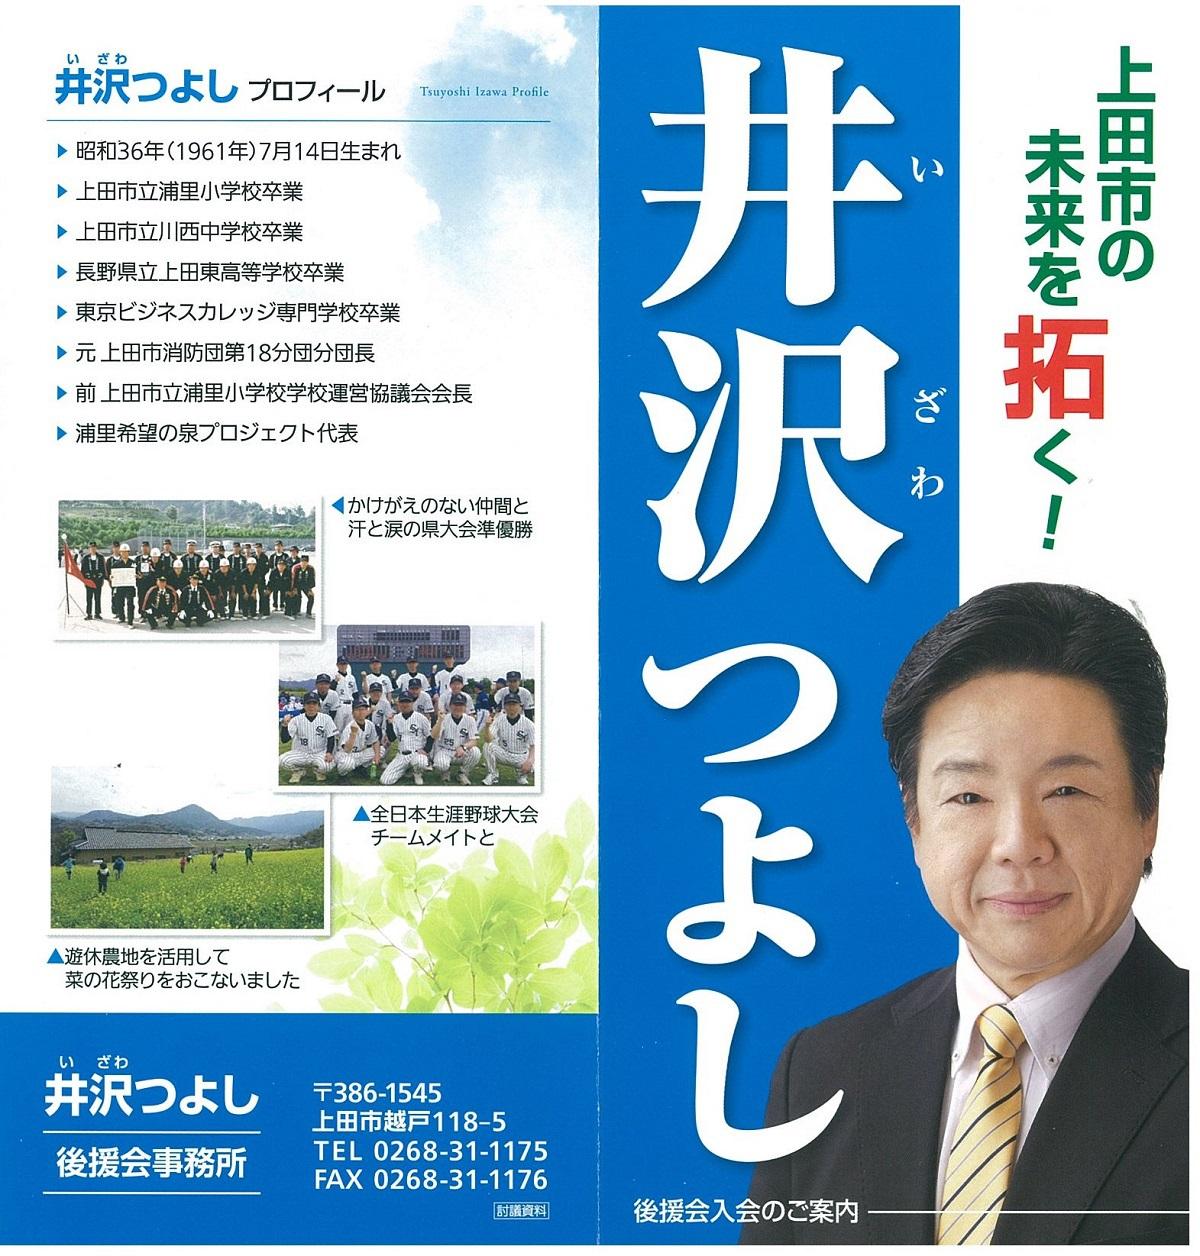 竹内充(みつる)のブログ - とことん信州上田! -